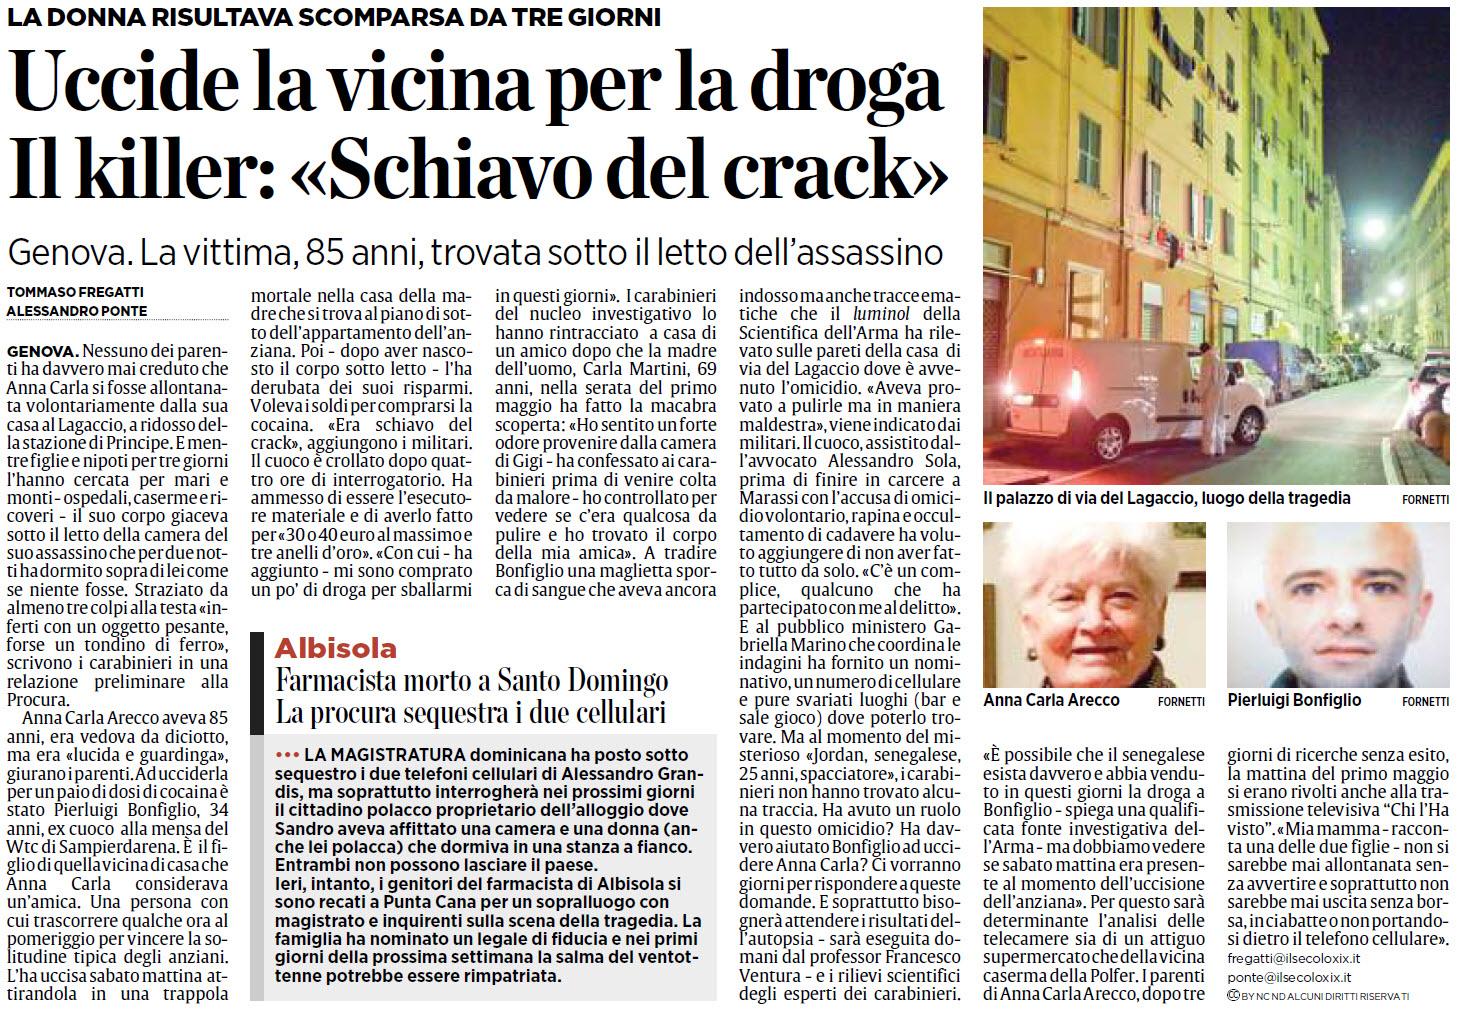 Alassiofutura genova uccide la vicina per la droga la donna risultava scomparsa da tre - Tv a scomparsa sotto il letto ...